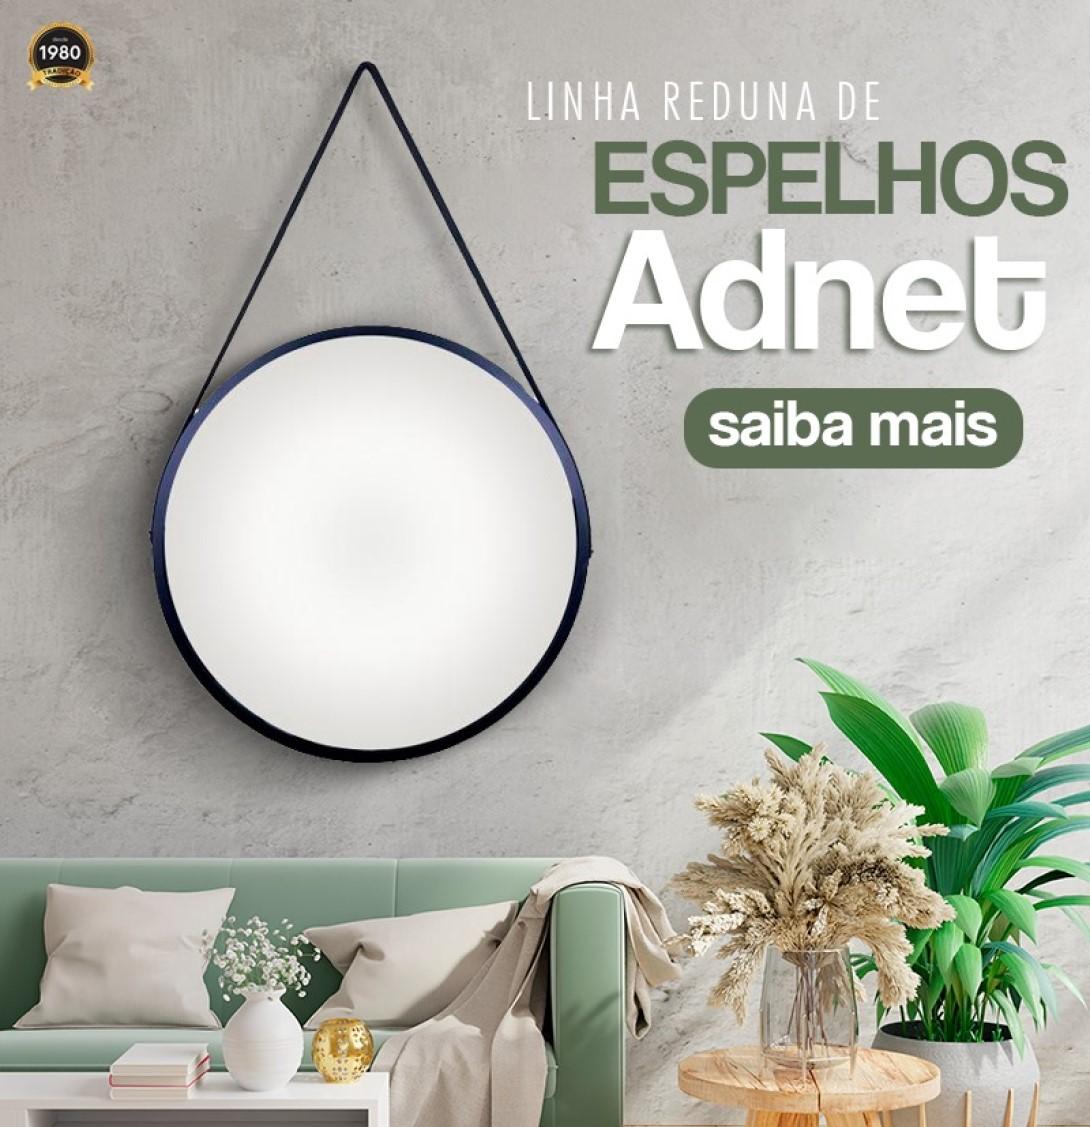 Espelho Led neutro Adnet 60cm preto Alça preto